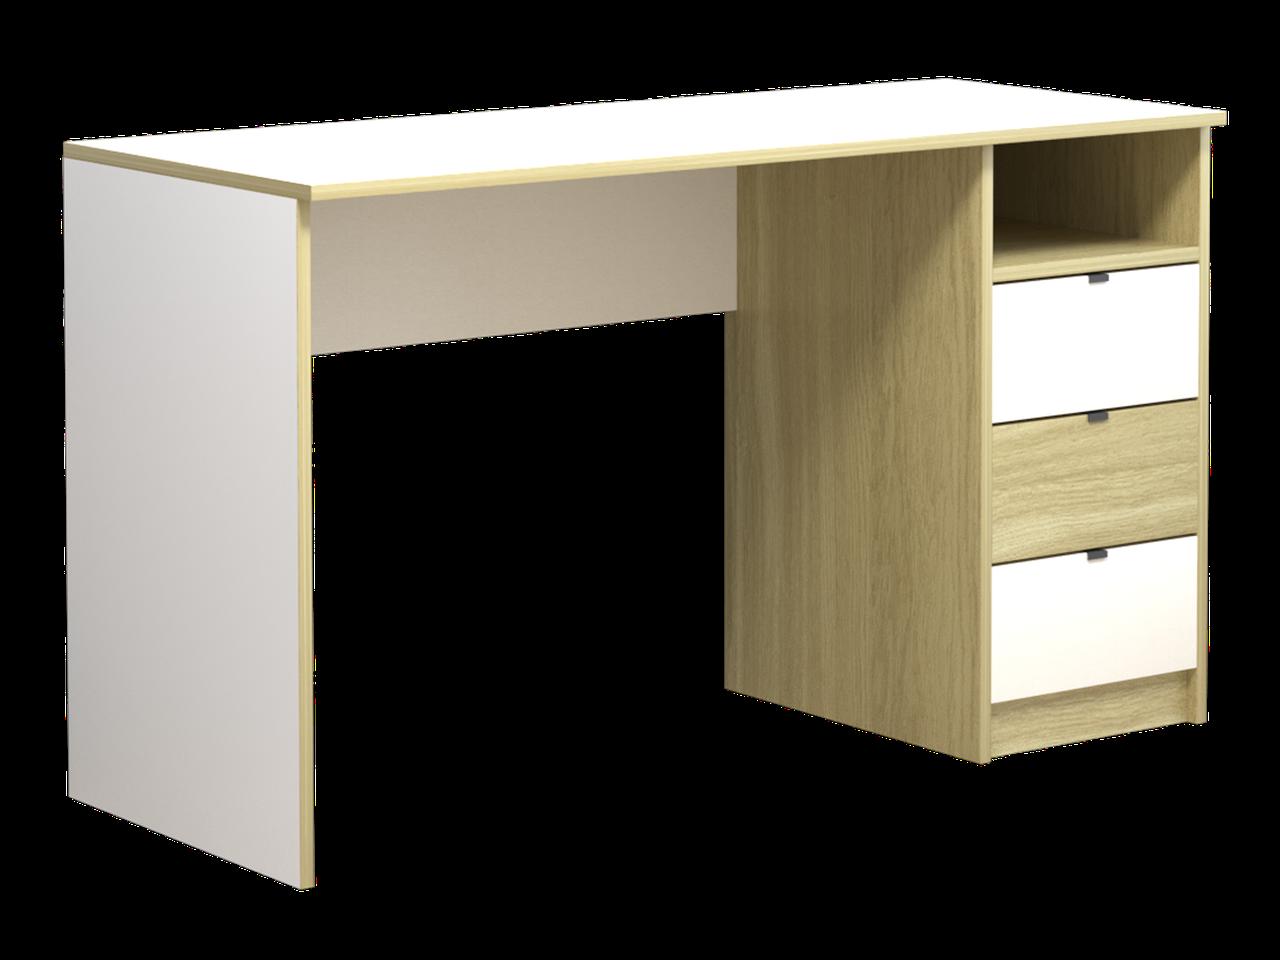 Комп'ютерний стіл Інтарсіо Sigma 1390х790 мм Біла перлина гладка + дуб скельний (SIGMA_R)